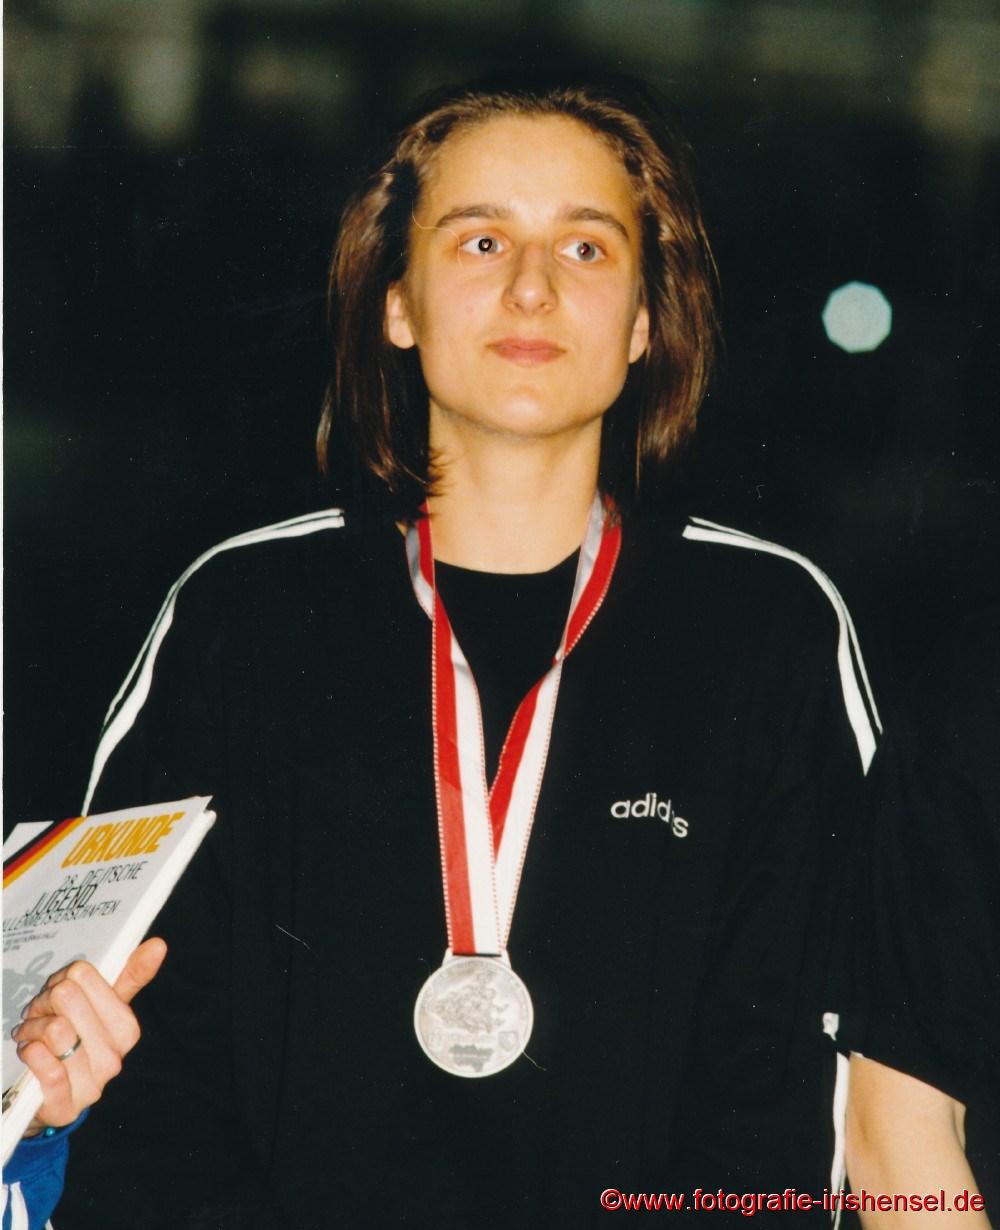 1996 Sandra Abel wird bei den Deutschen Hallen - Jugendmeisterschaften Vizemeisterin über 200 m in 24,31 sec.